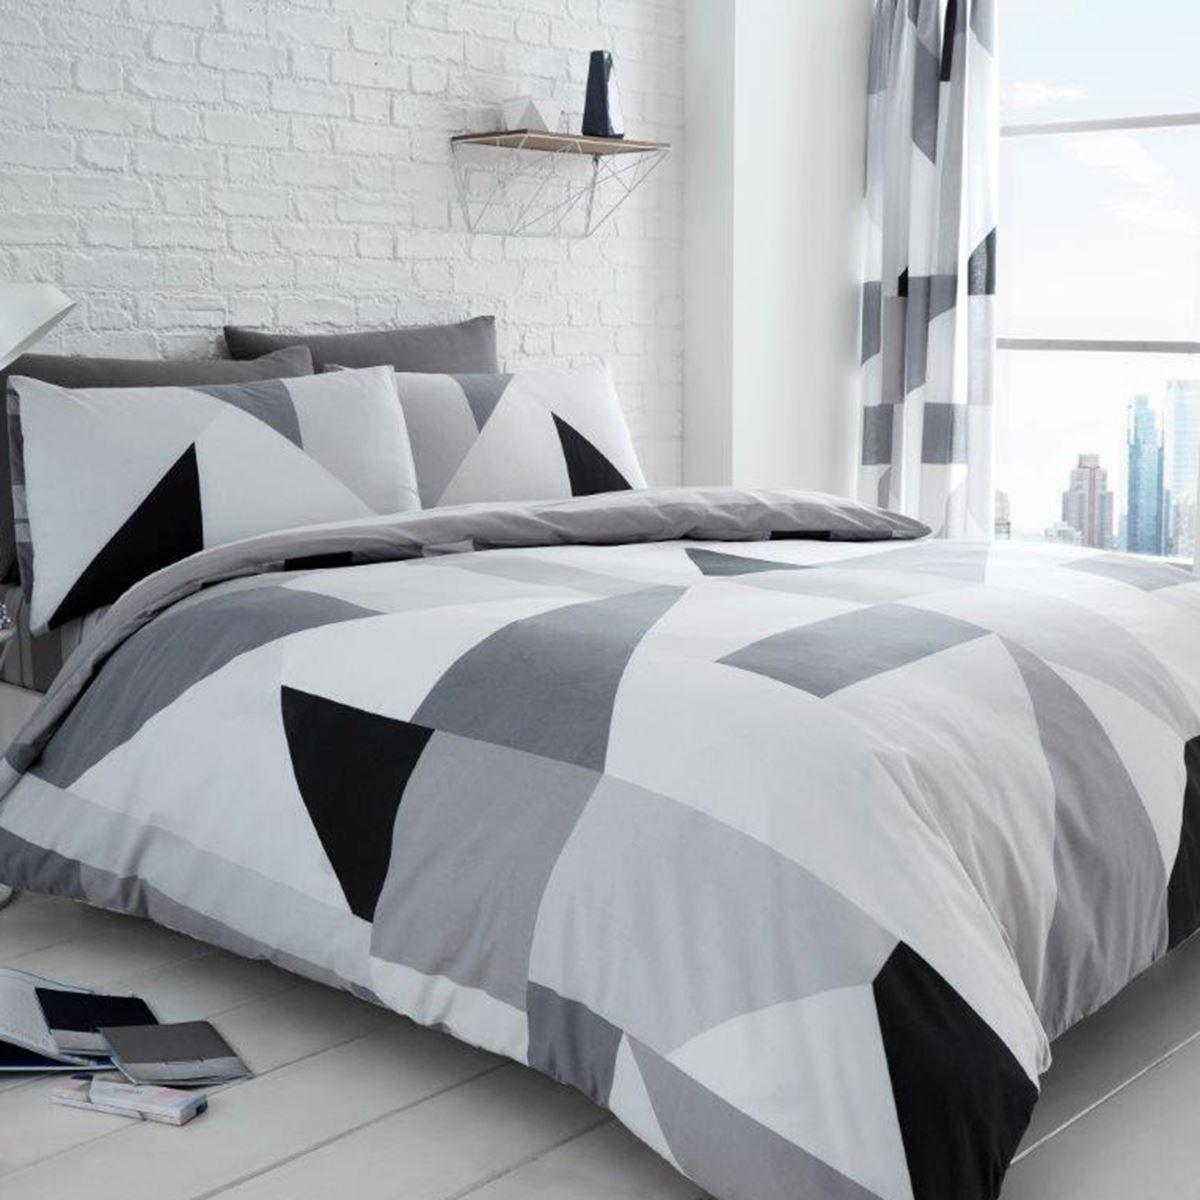 Sydney Geometric King Size Duvet Cover Set Bedding Black White